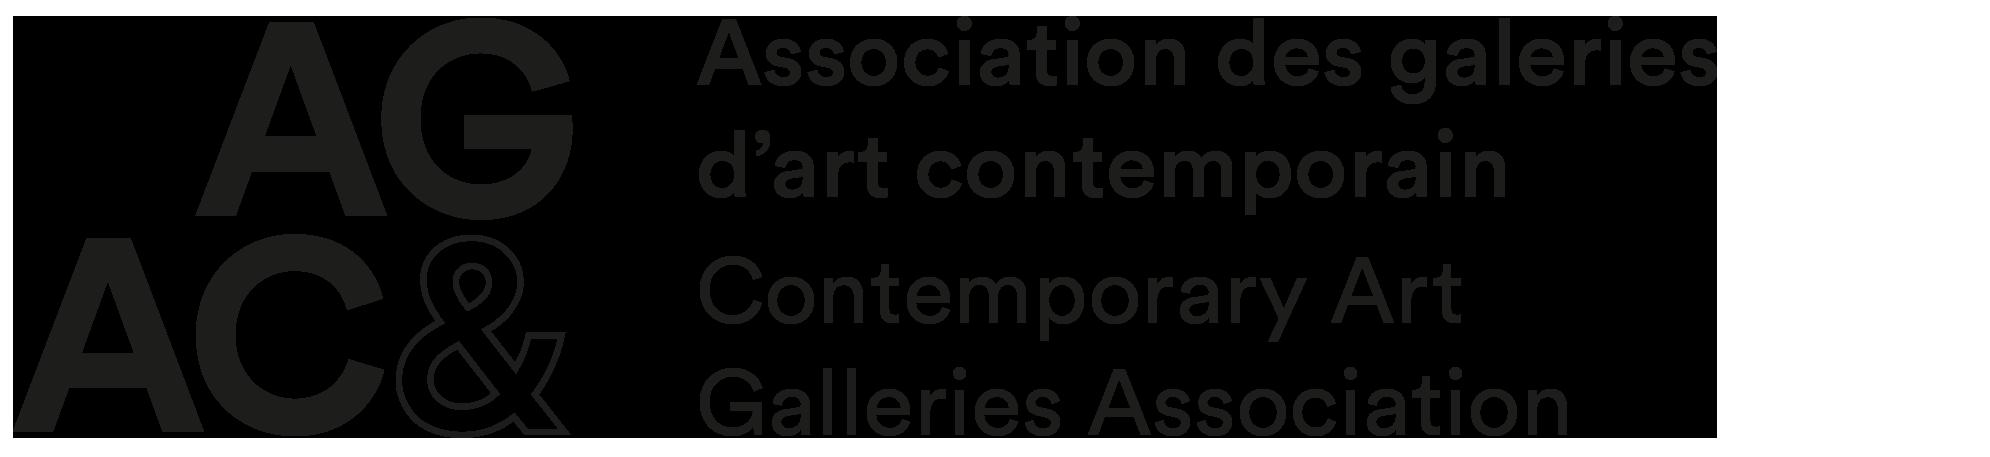 Association des galeries d'art contemporain (AGAC)